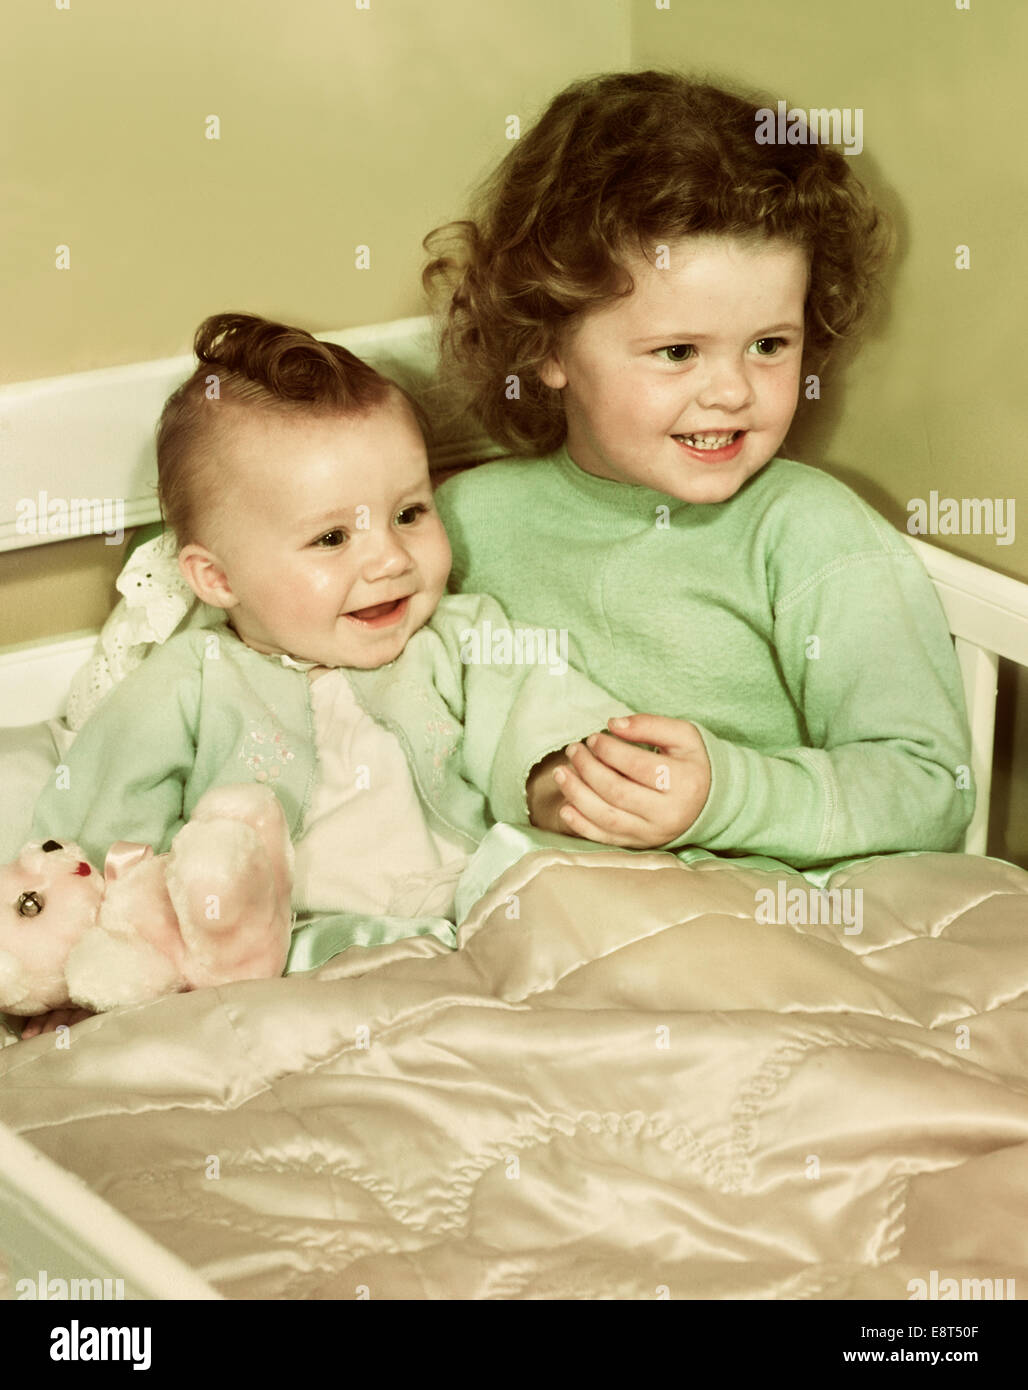 Negli anni quaranta anni cinquanta sorridente bambina e HAPPY BABY sorella  seduti insieme in un angolo 81ebd85ecf04